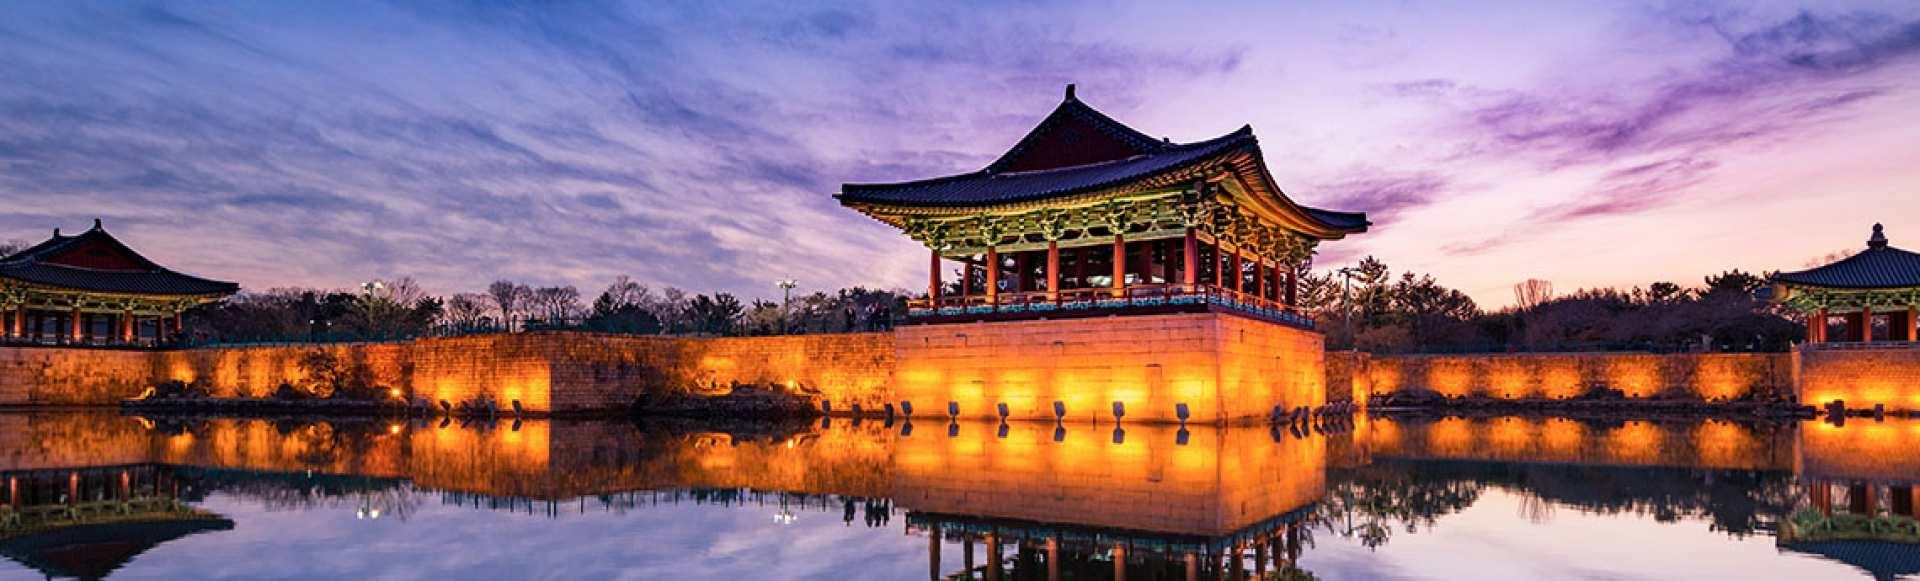 【慶州特色一日遊】慶州良洞村、石窟庵、佛國寺、雁鴨池一日遊(釜山出發)